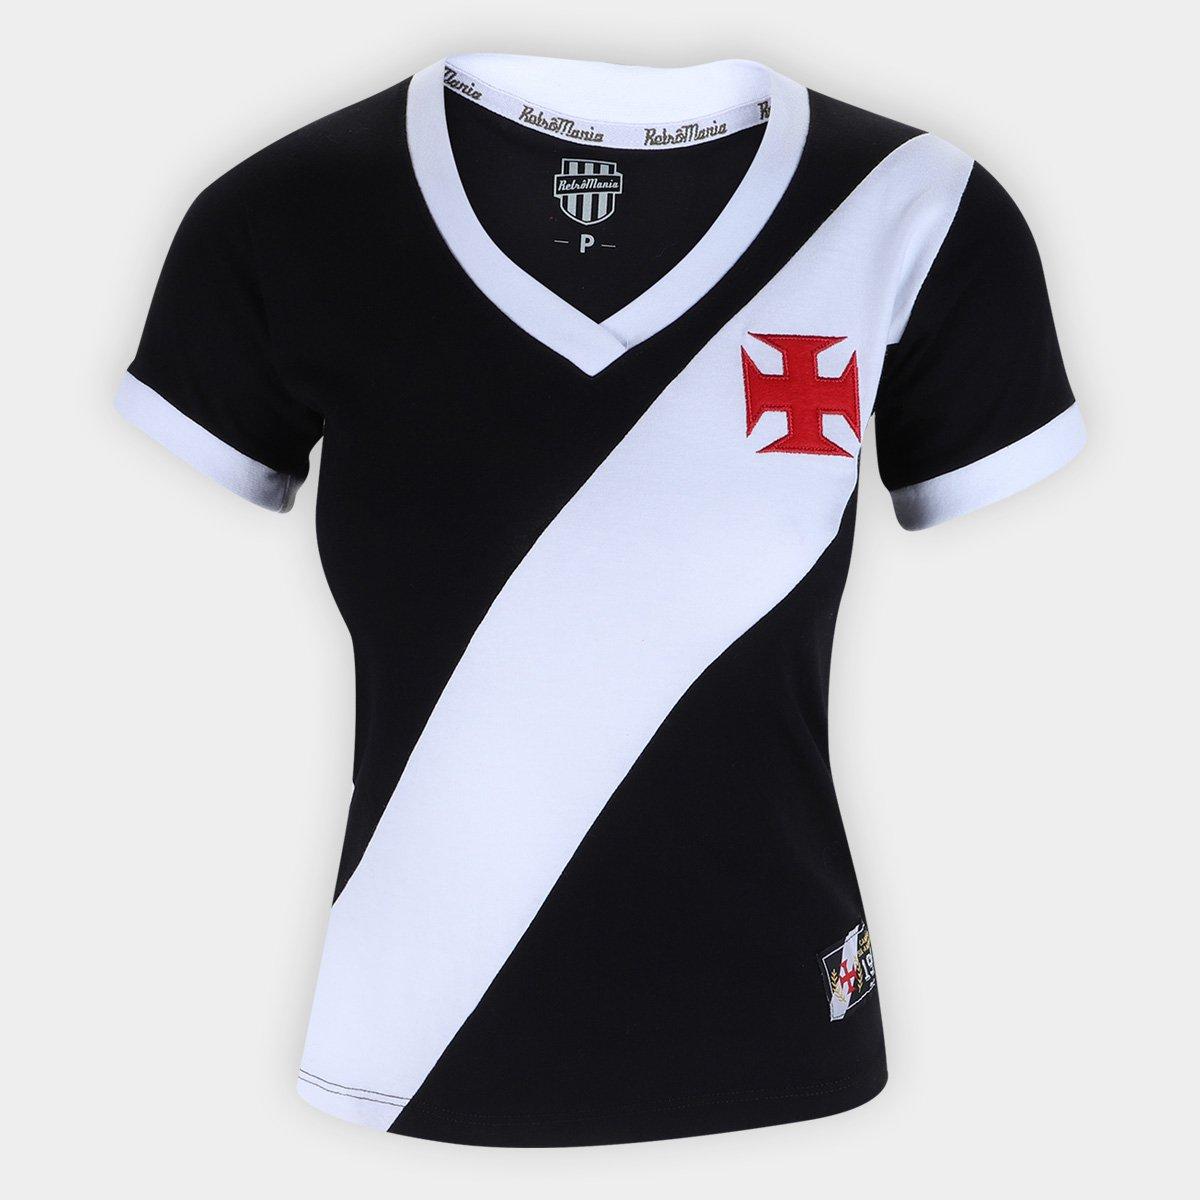 80f6bd48d1634 Camiseta Vasco Da Gama Retro Mania 1948 Feminina - Compre Agora ...